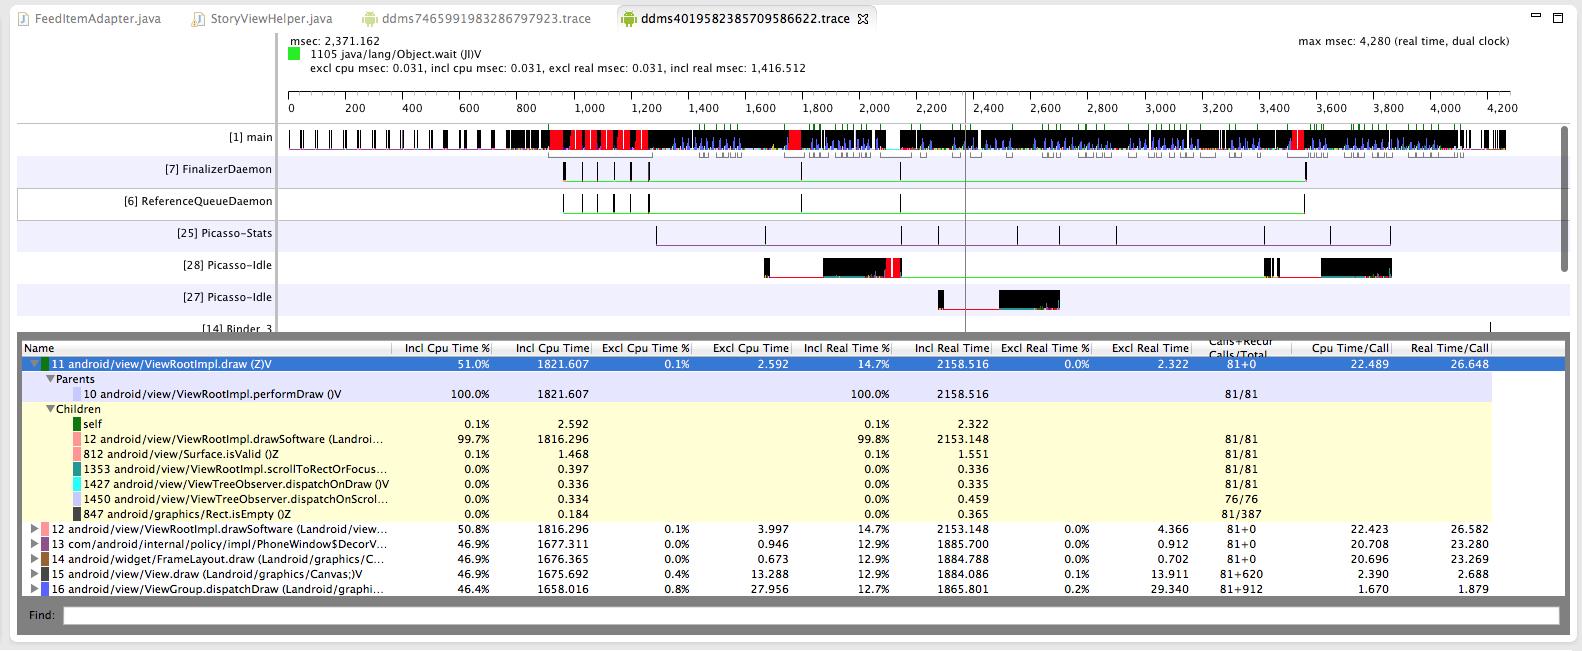 Screen Shot 2013-10-27 at 8.21.33 PM.png